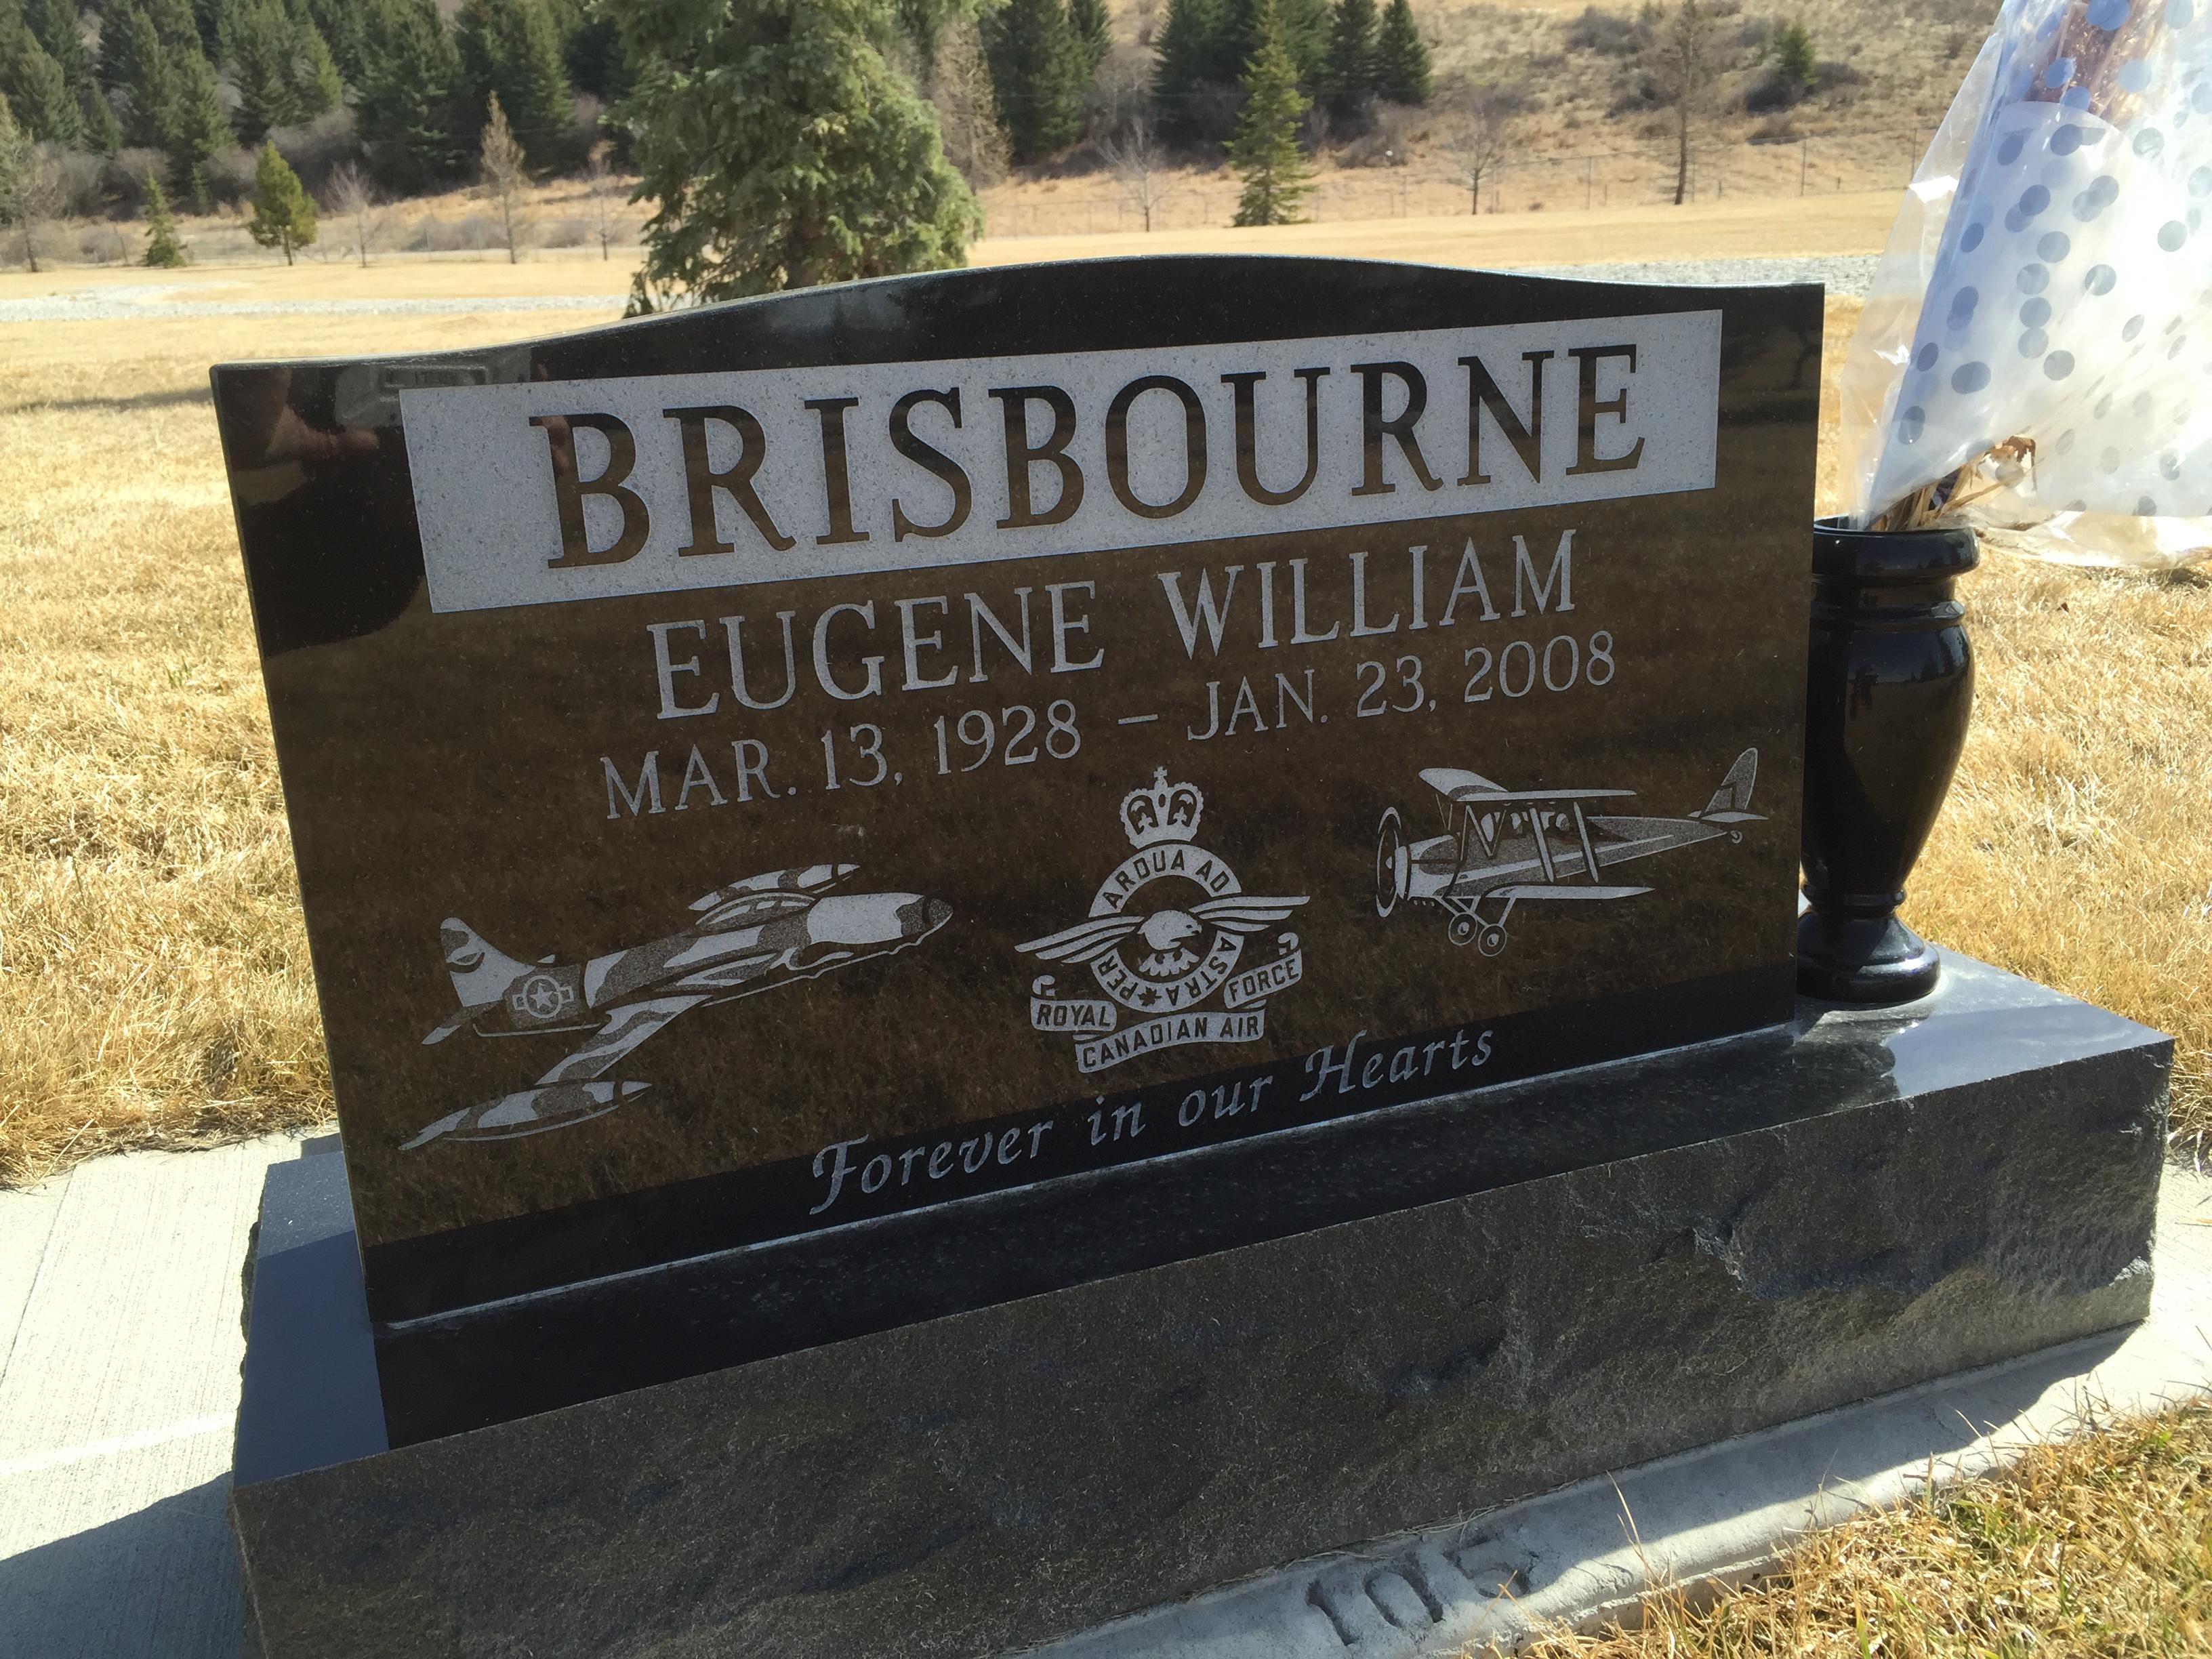 Eugene William Everard Brisbourne